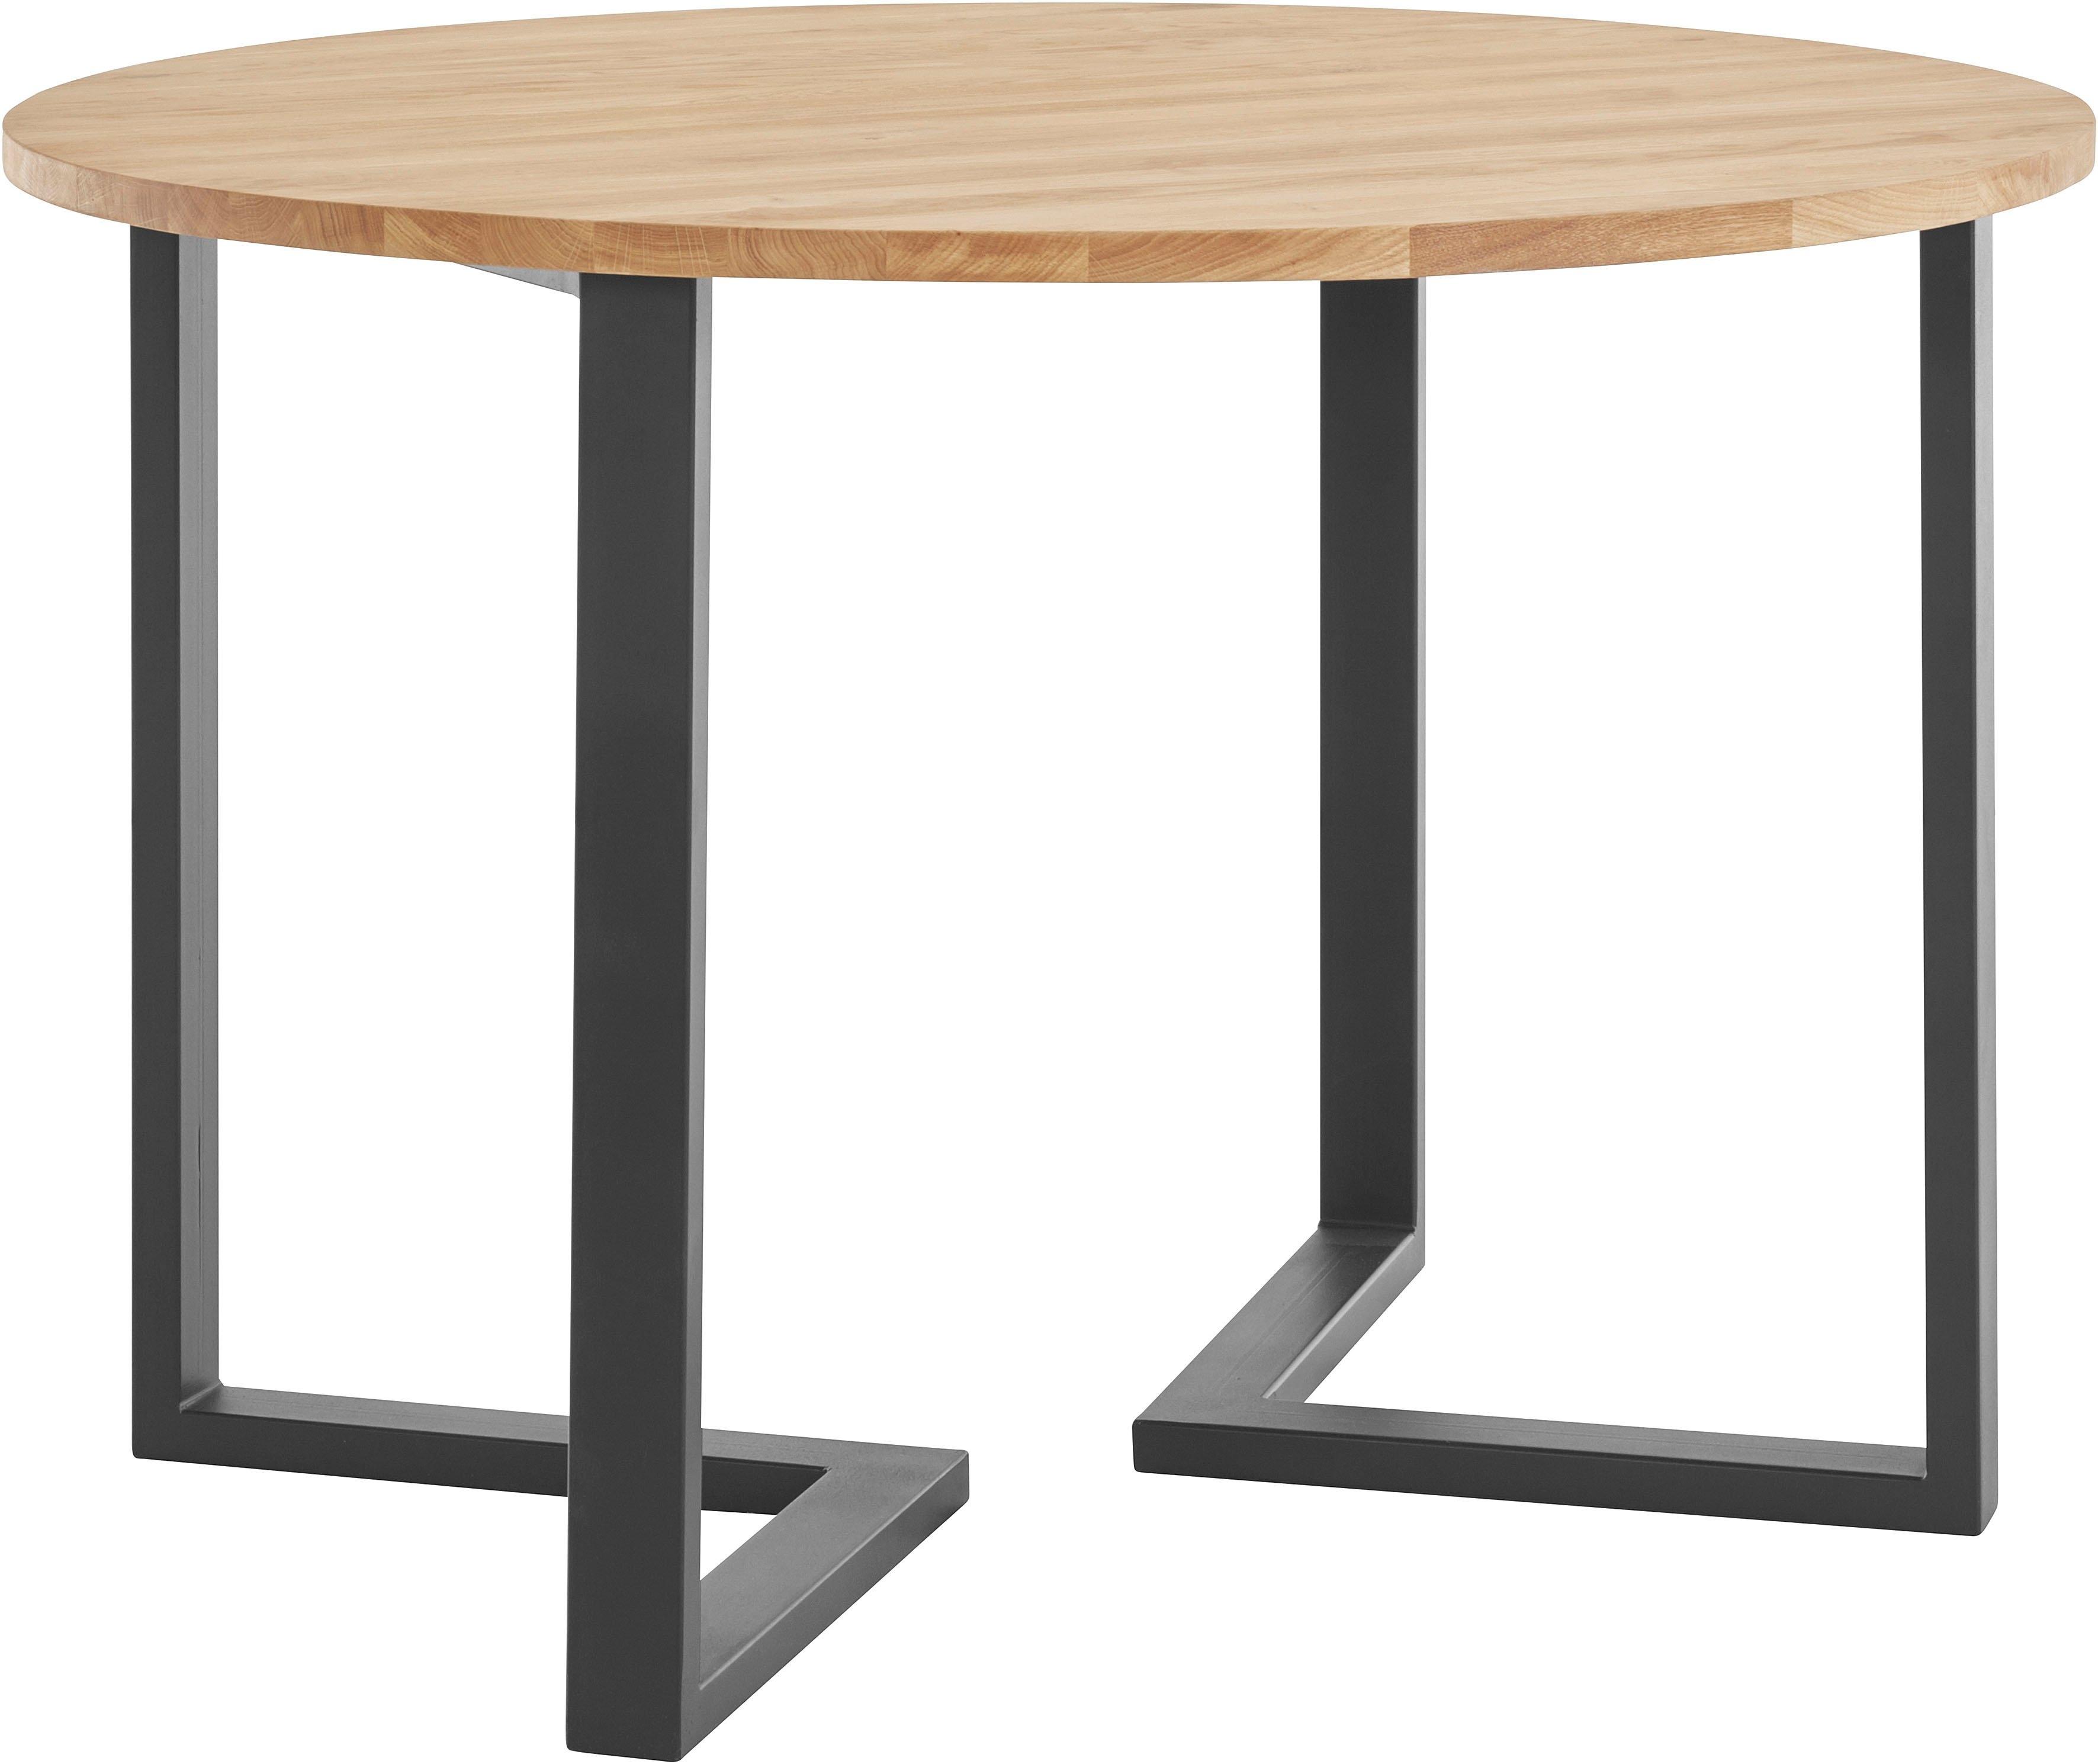 andas eettafel KRUM van massief hout goedkoop op otto.nl kopen